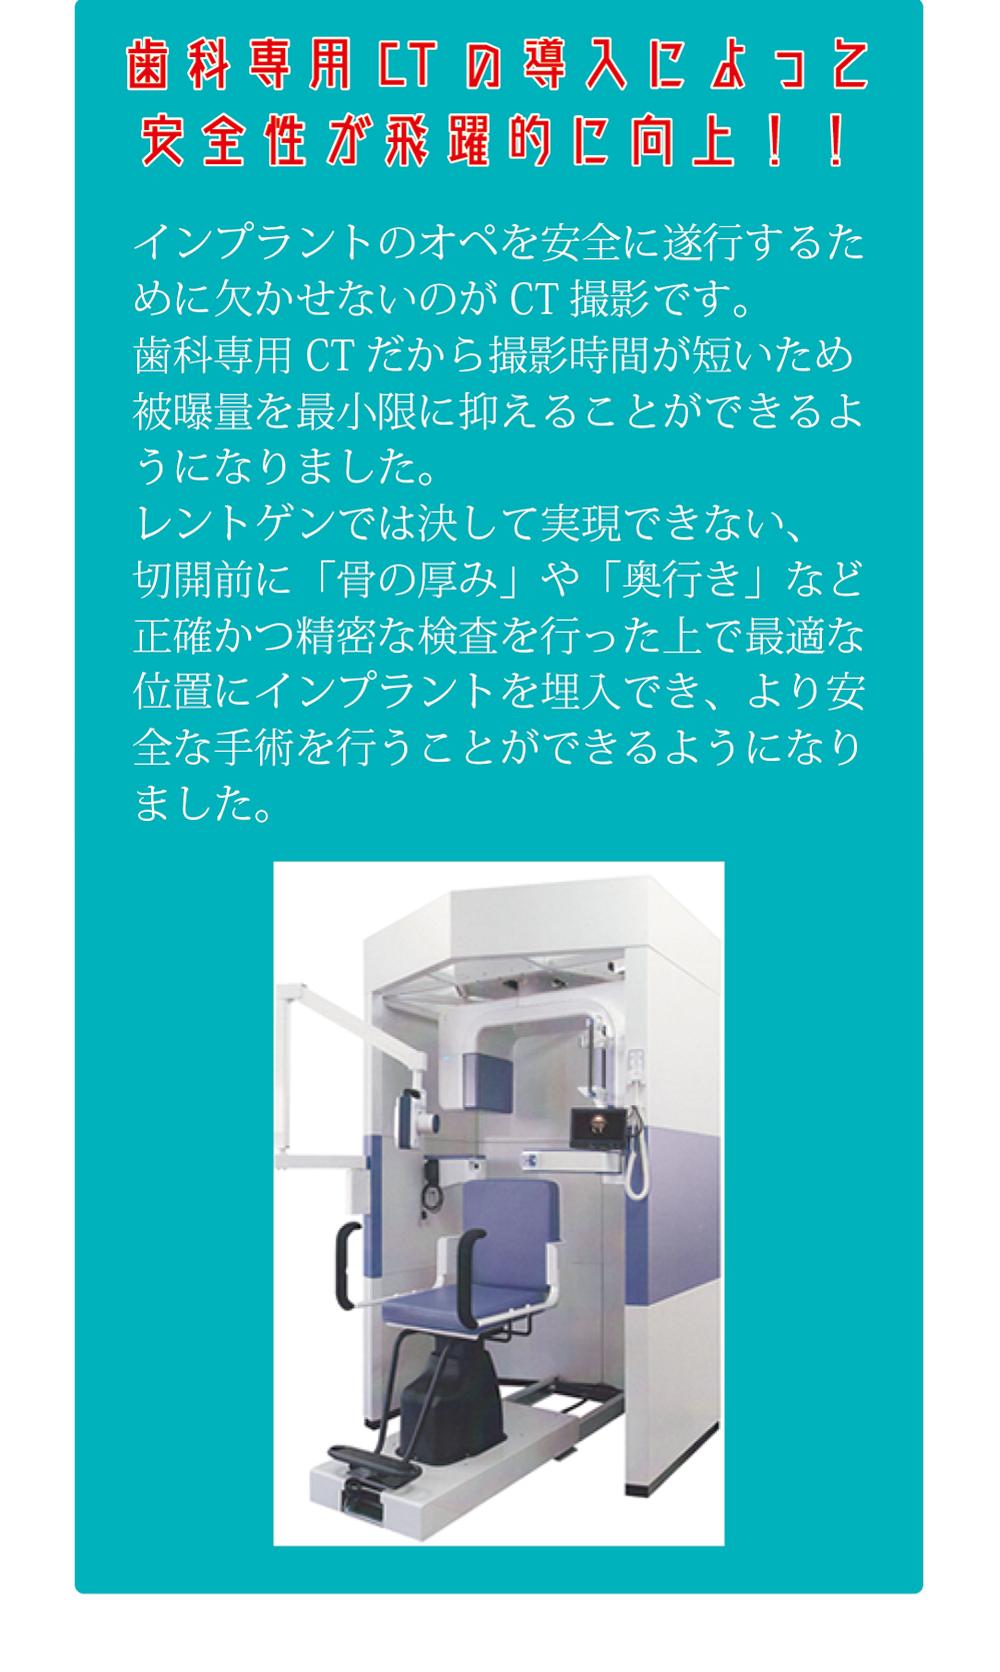 歯科専用CTの導入によって安全性が飛躍的に向上!!